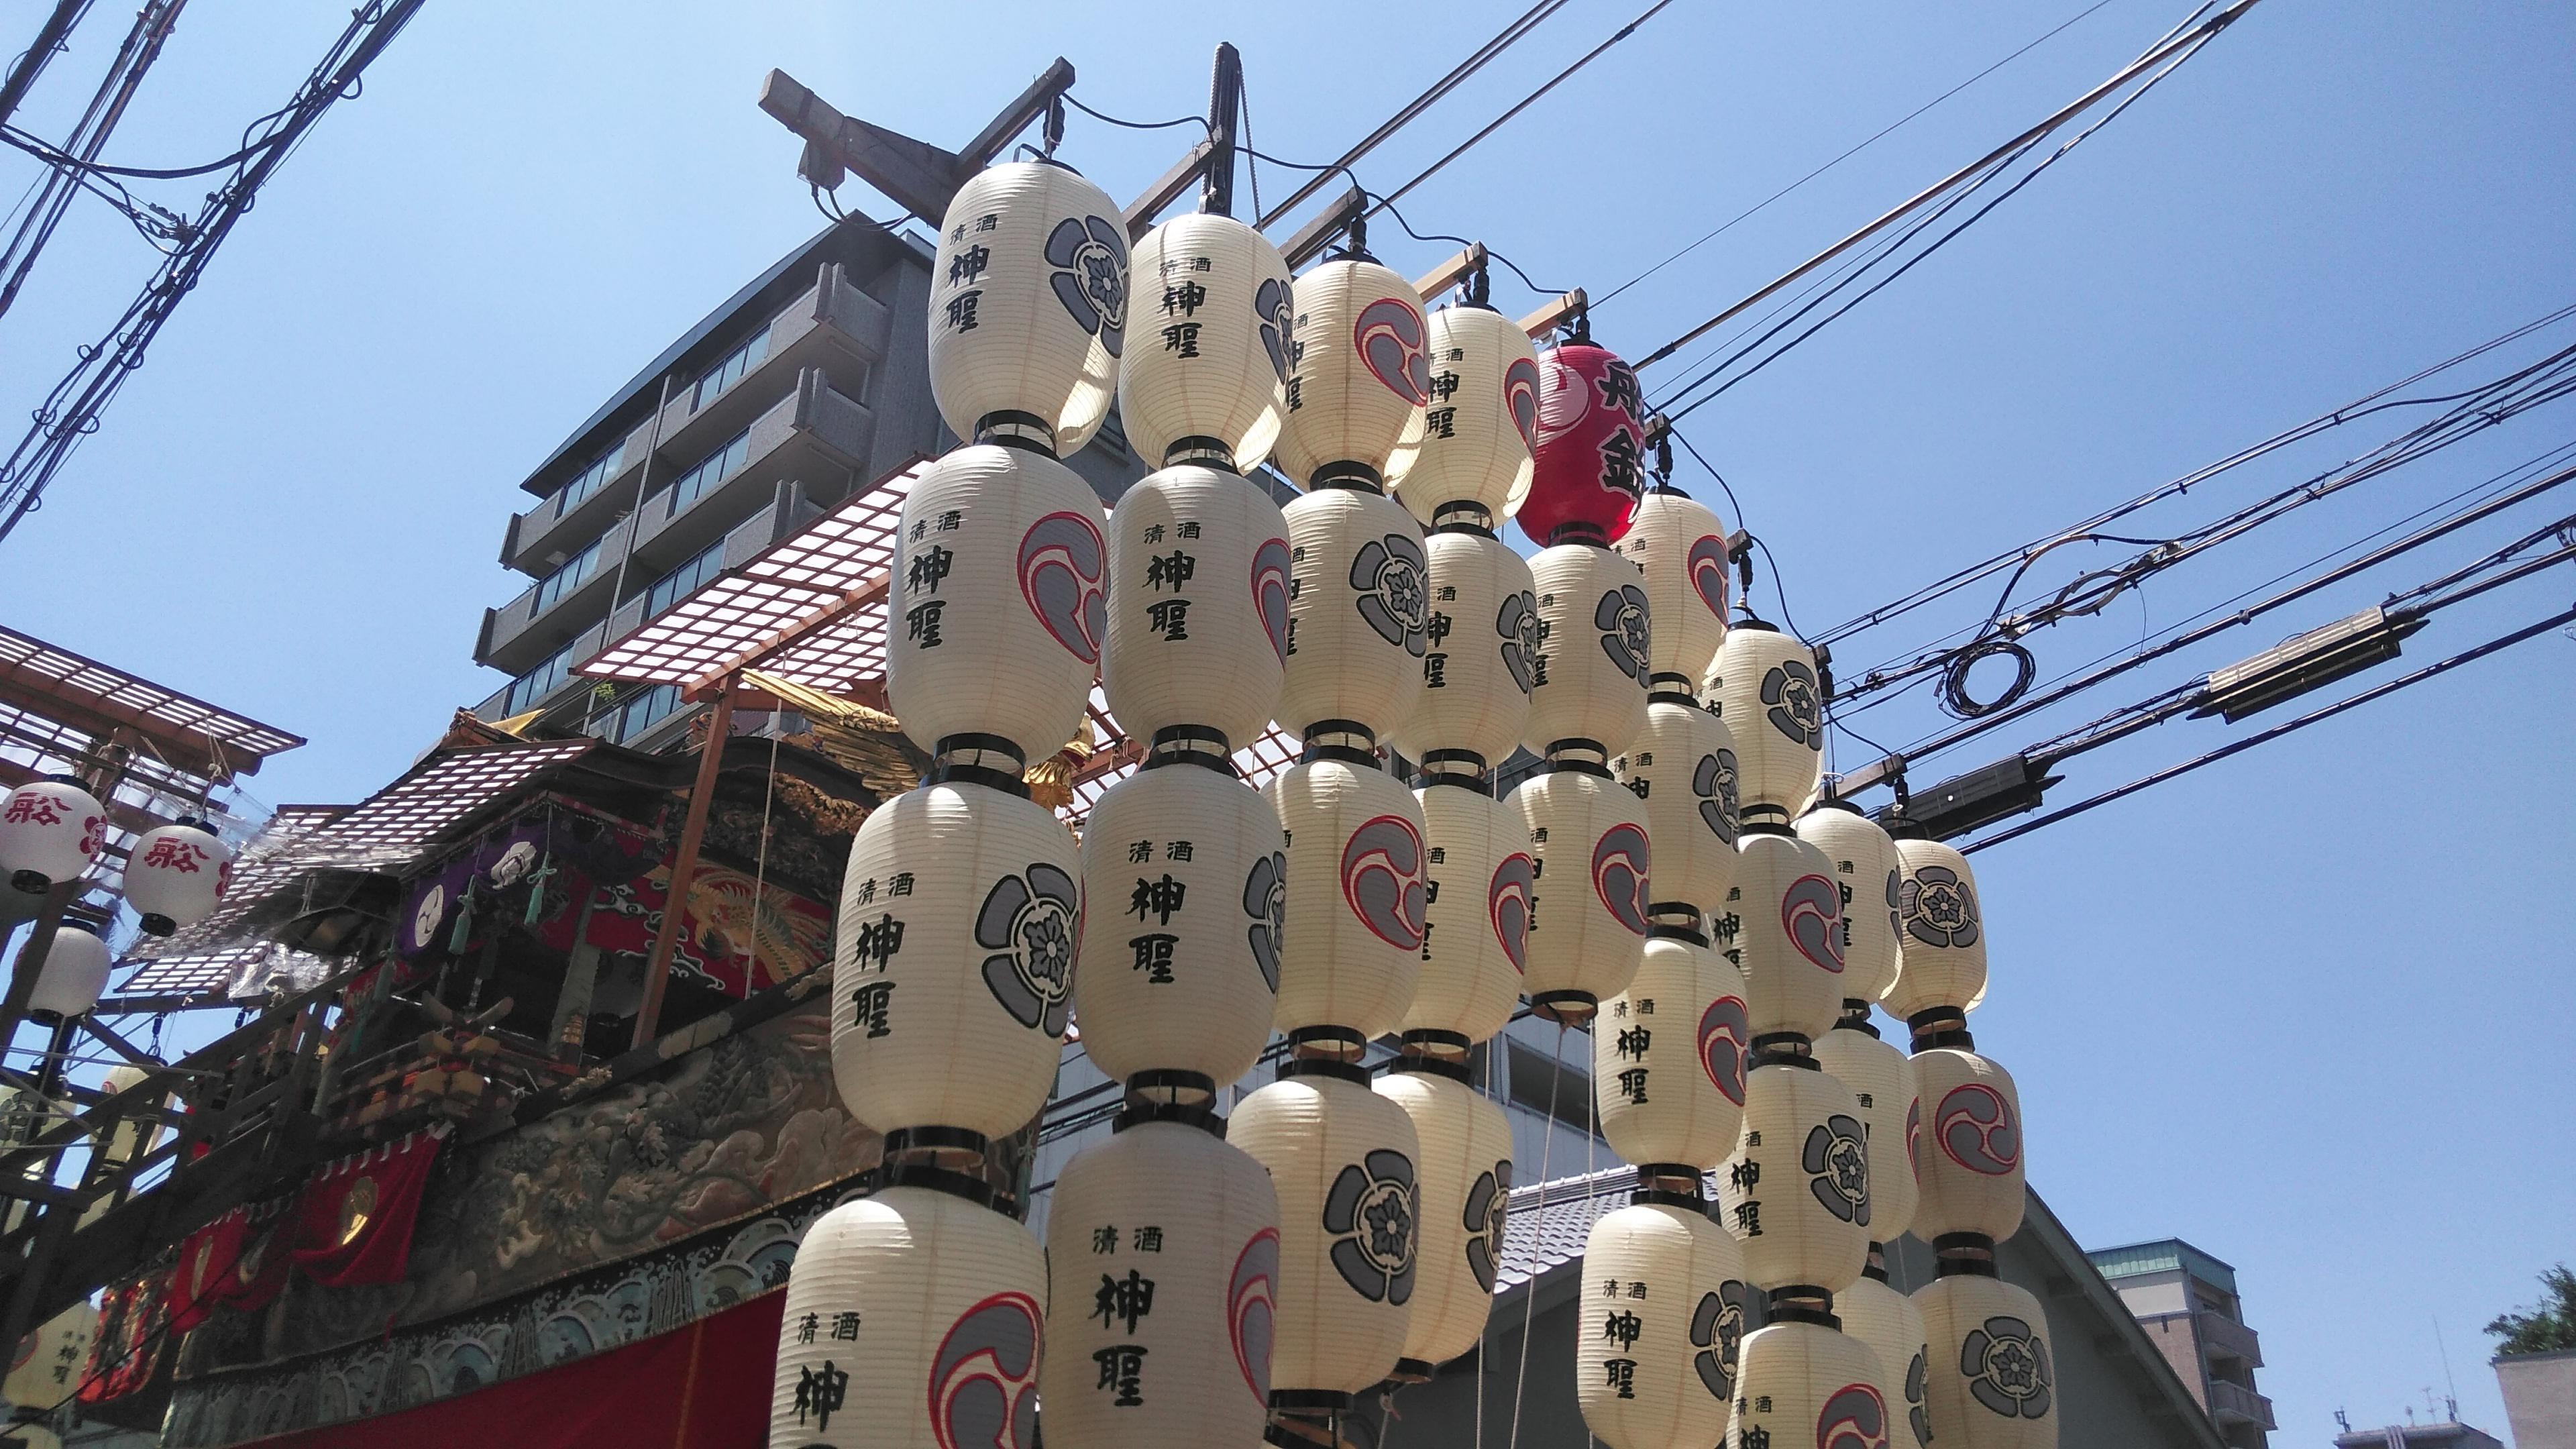 八坂神社(祇園さん)のお祭り